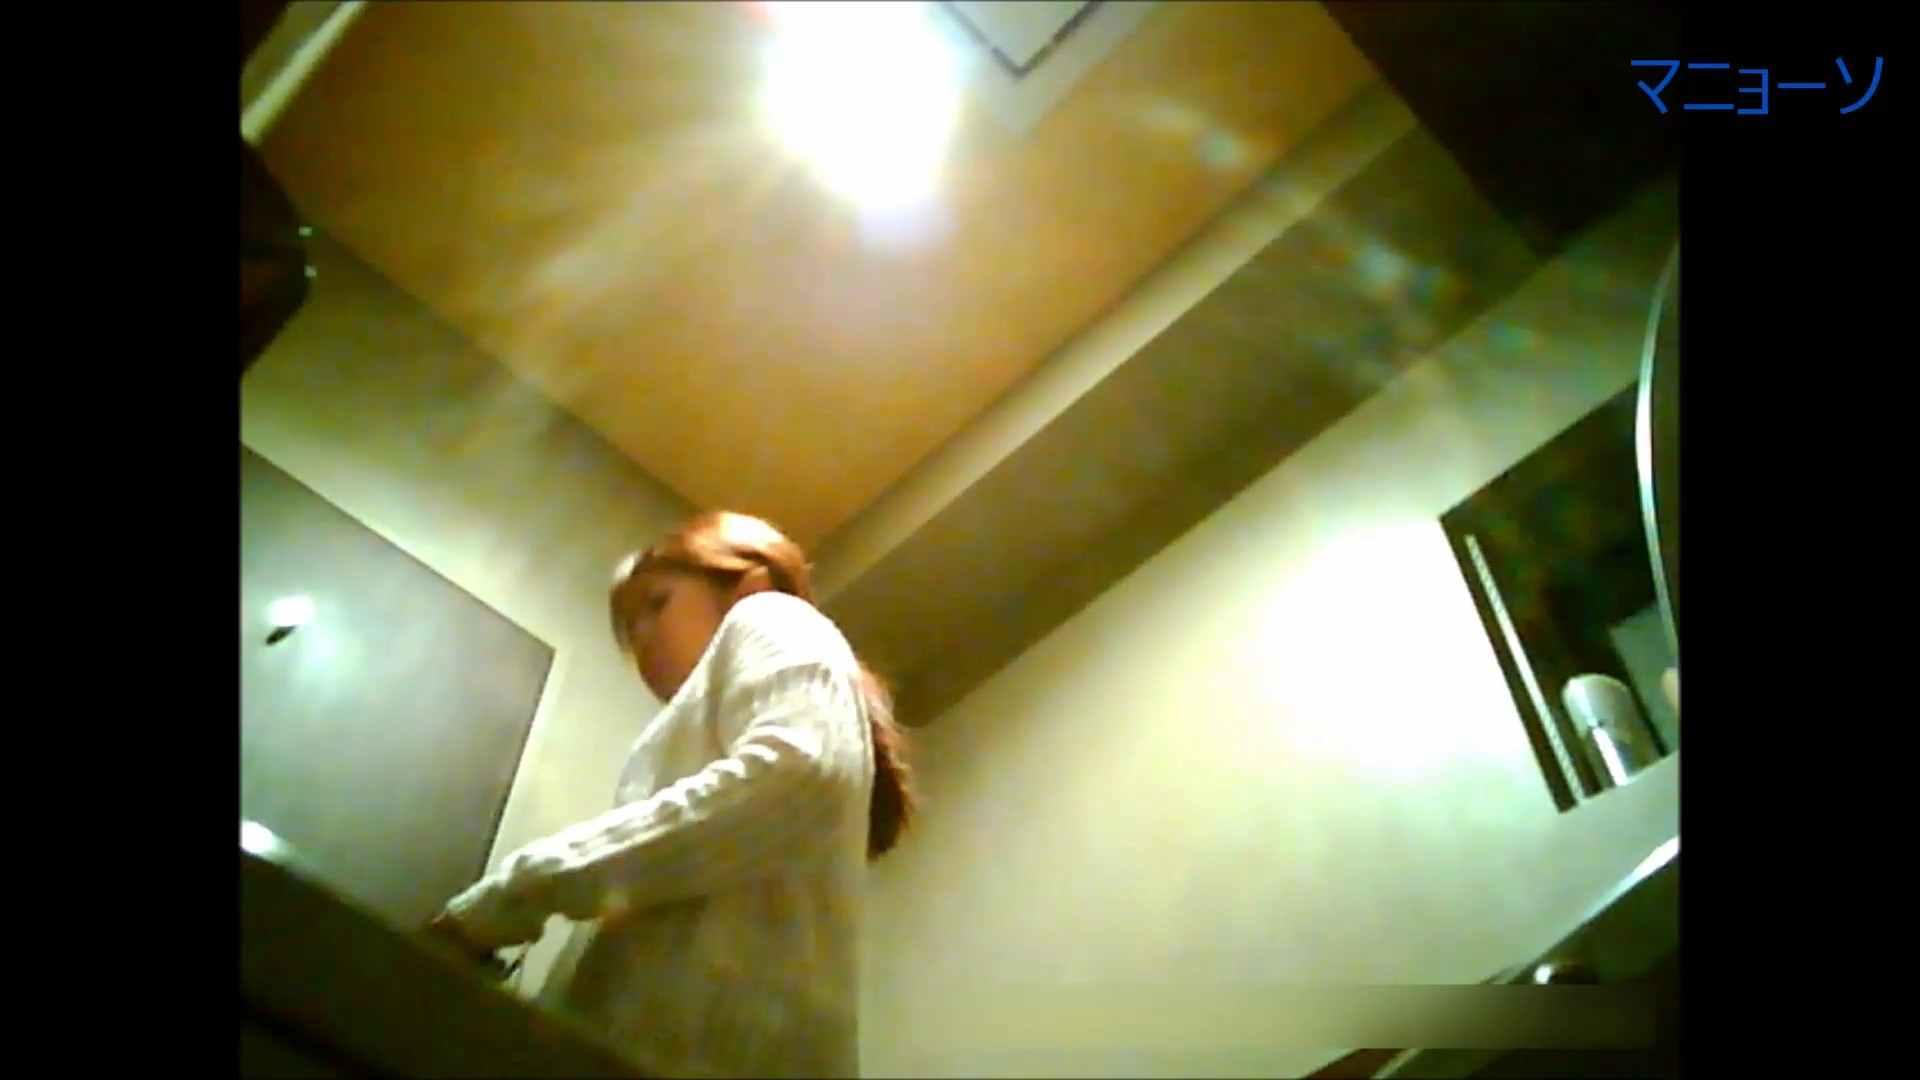 トイレでひと肌脱いでもらいました (JD編)Vol.02 トイレ | OLの実態  80pic 17